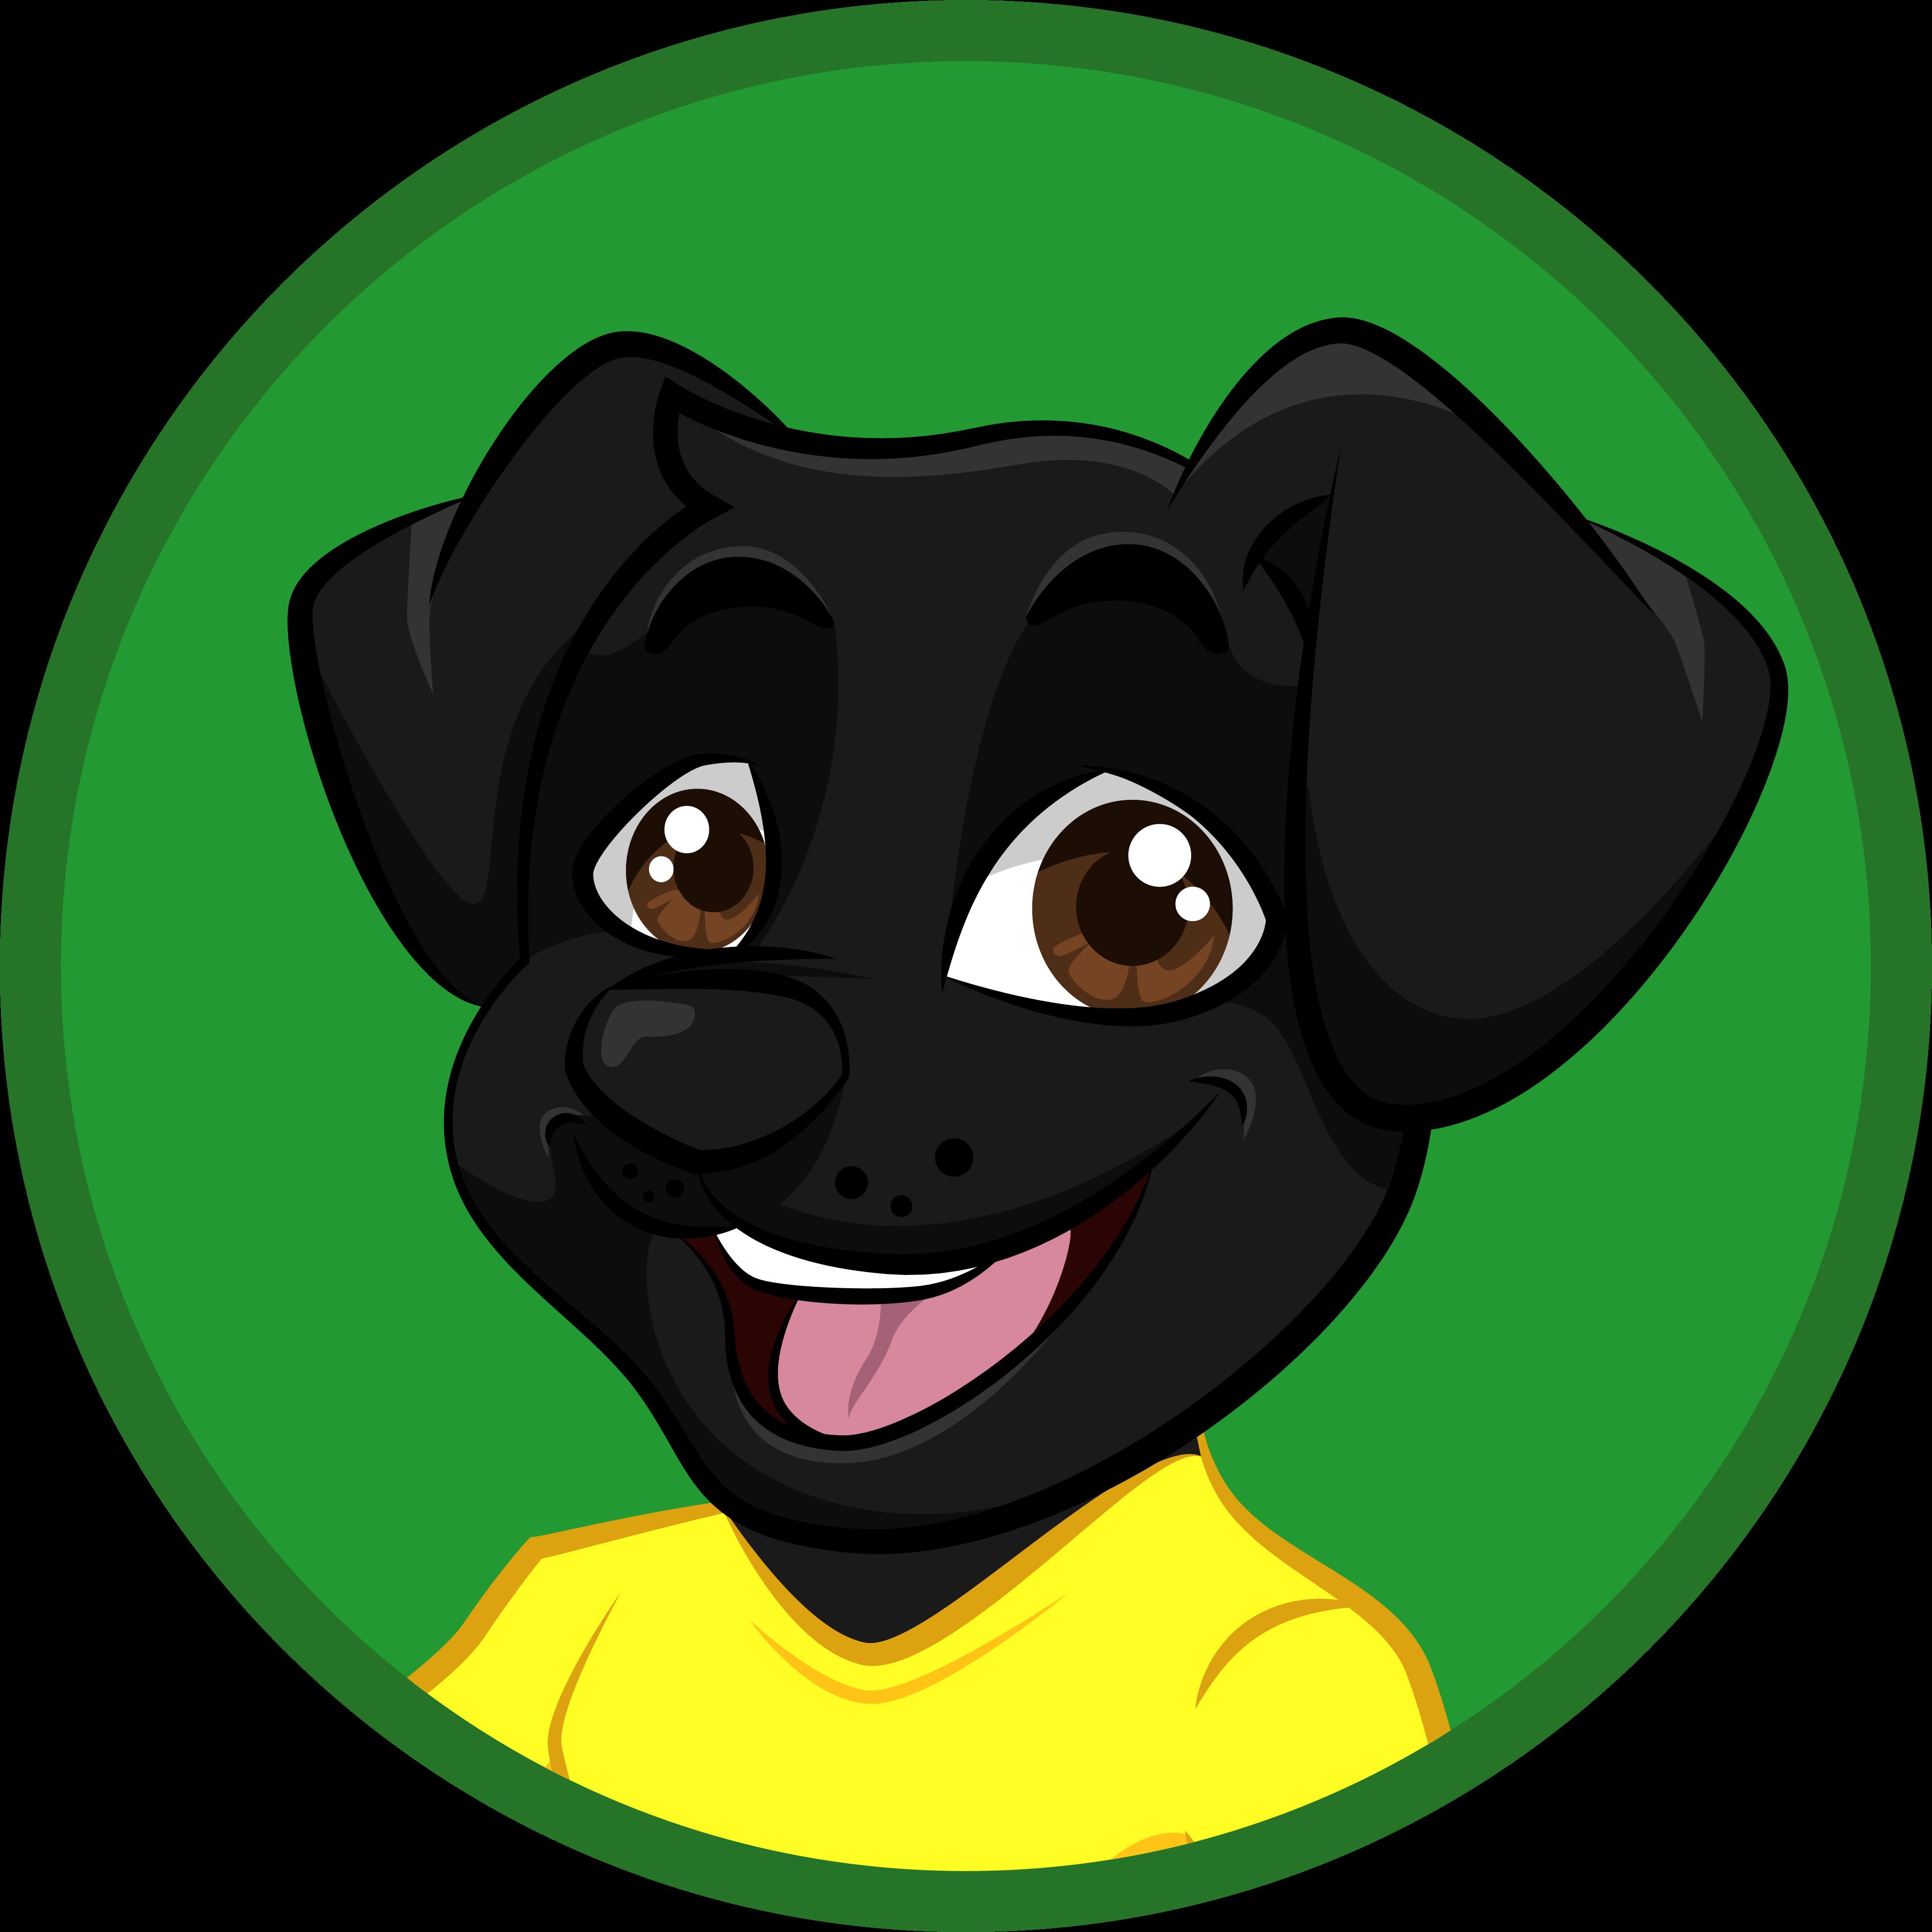 Ryker the Mascot